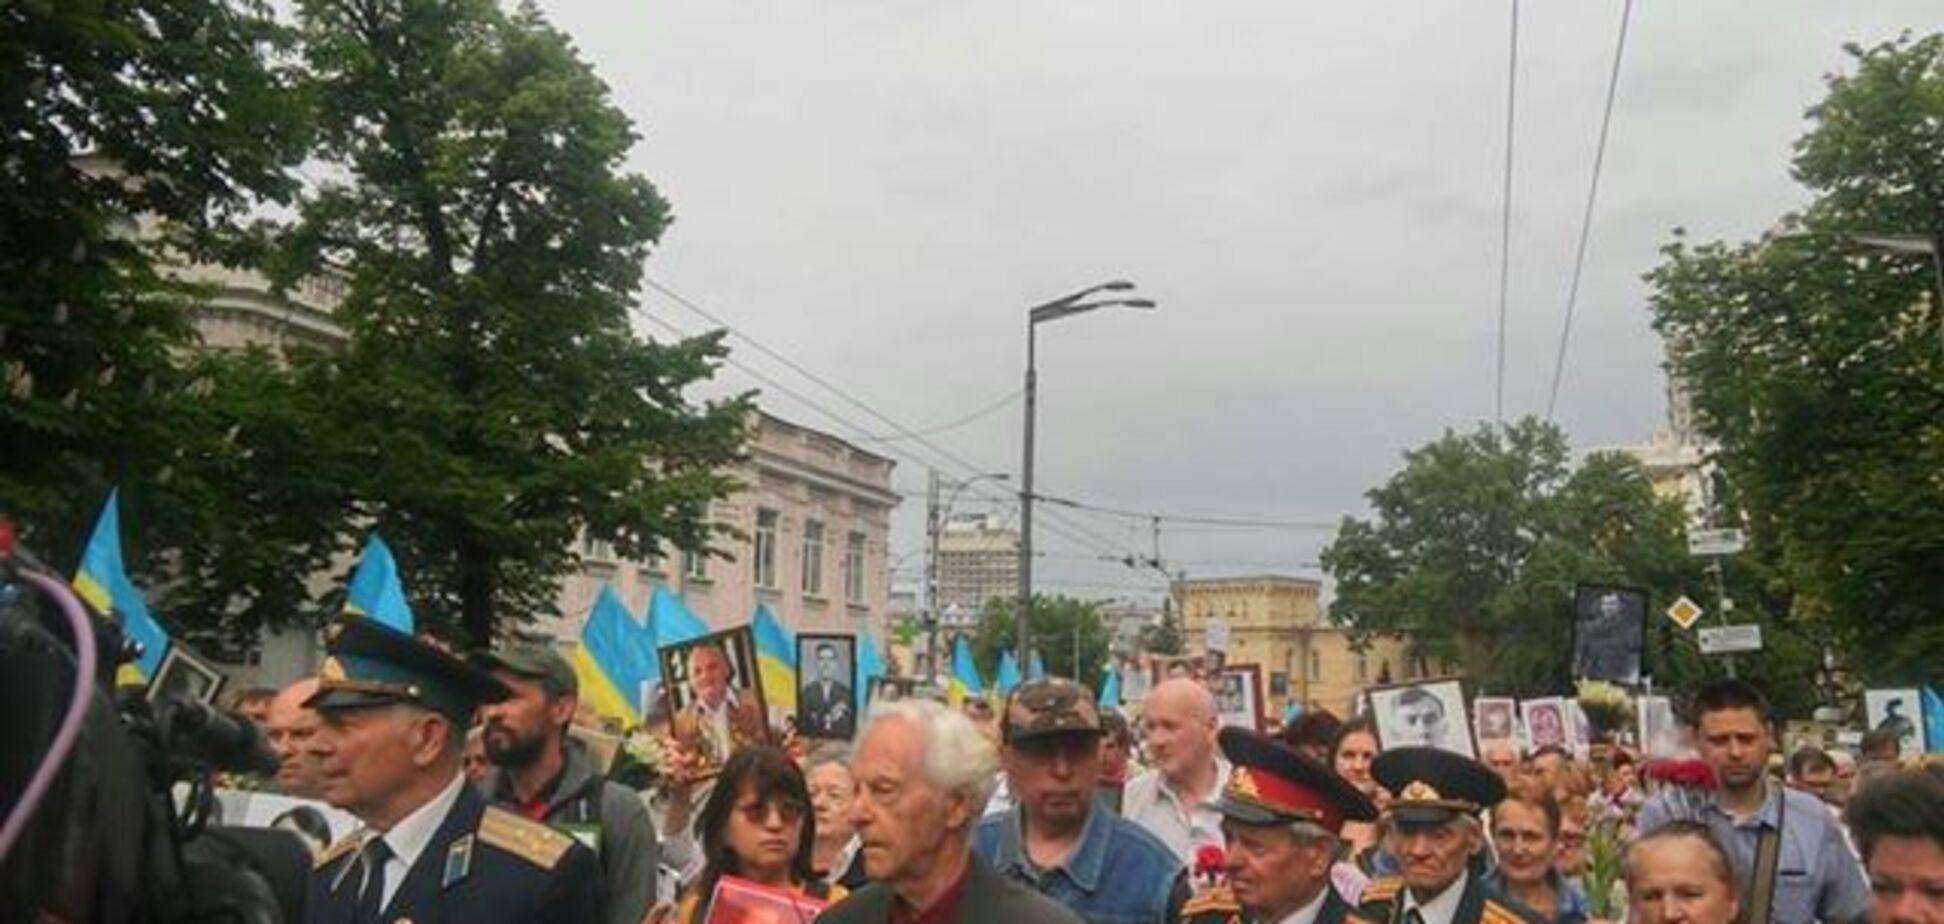 Акция 'Бессмертный полк' в Киеве 09.05.2018